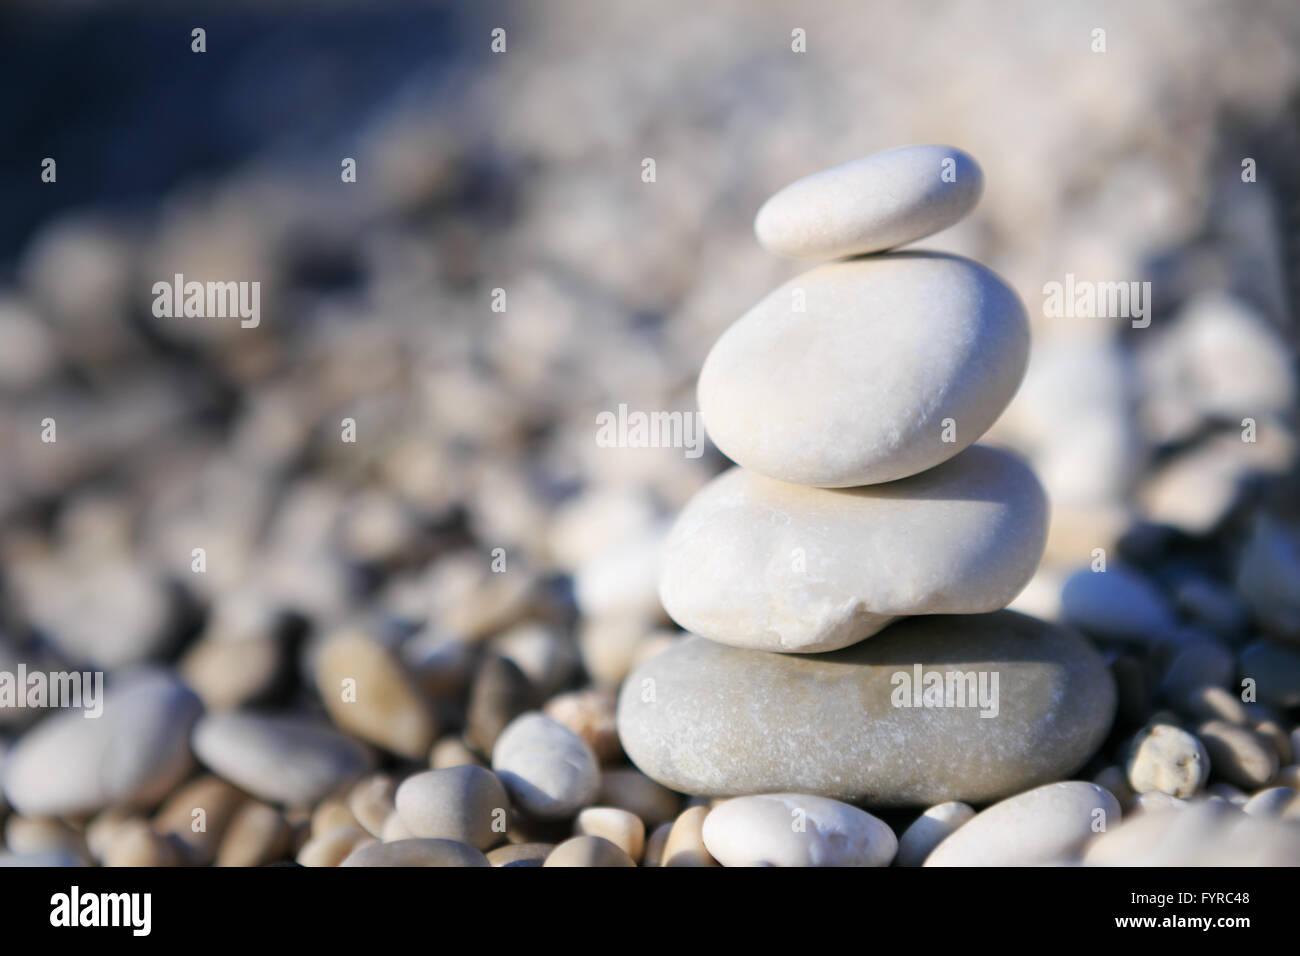 El Zen y el concepto de equilibrio - piedras de canto rodado Imagen De Stock